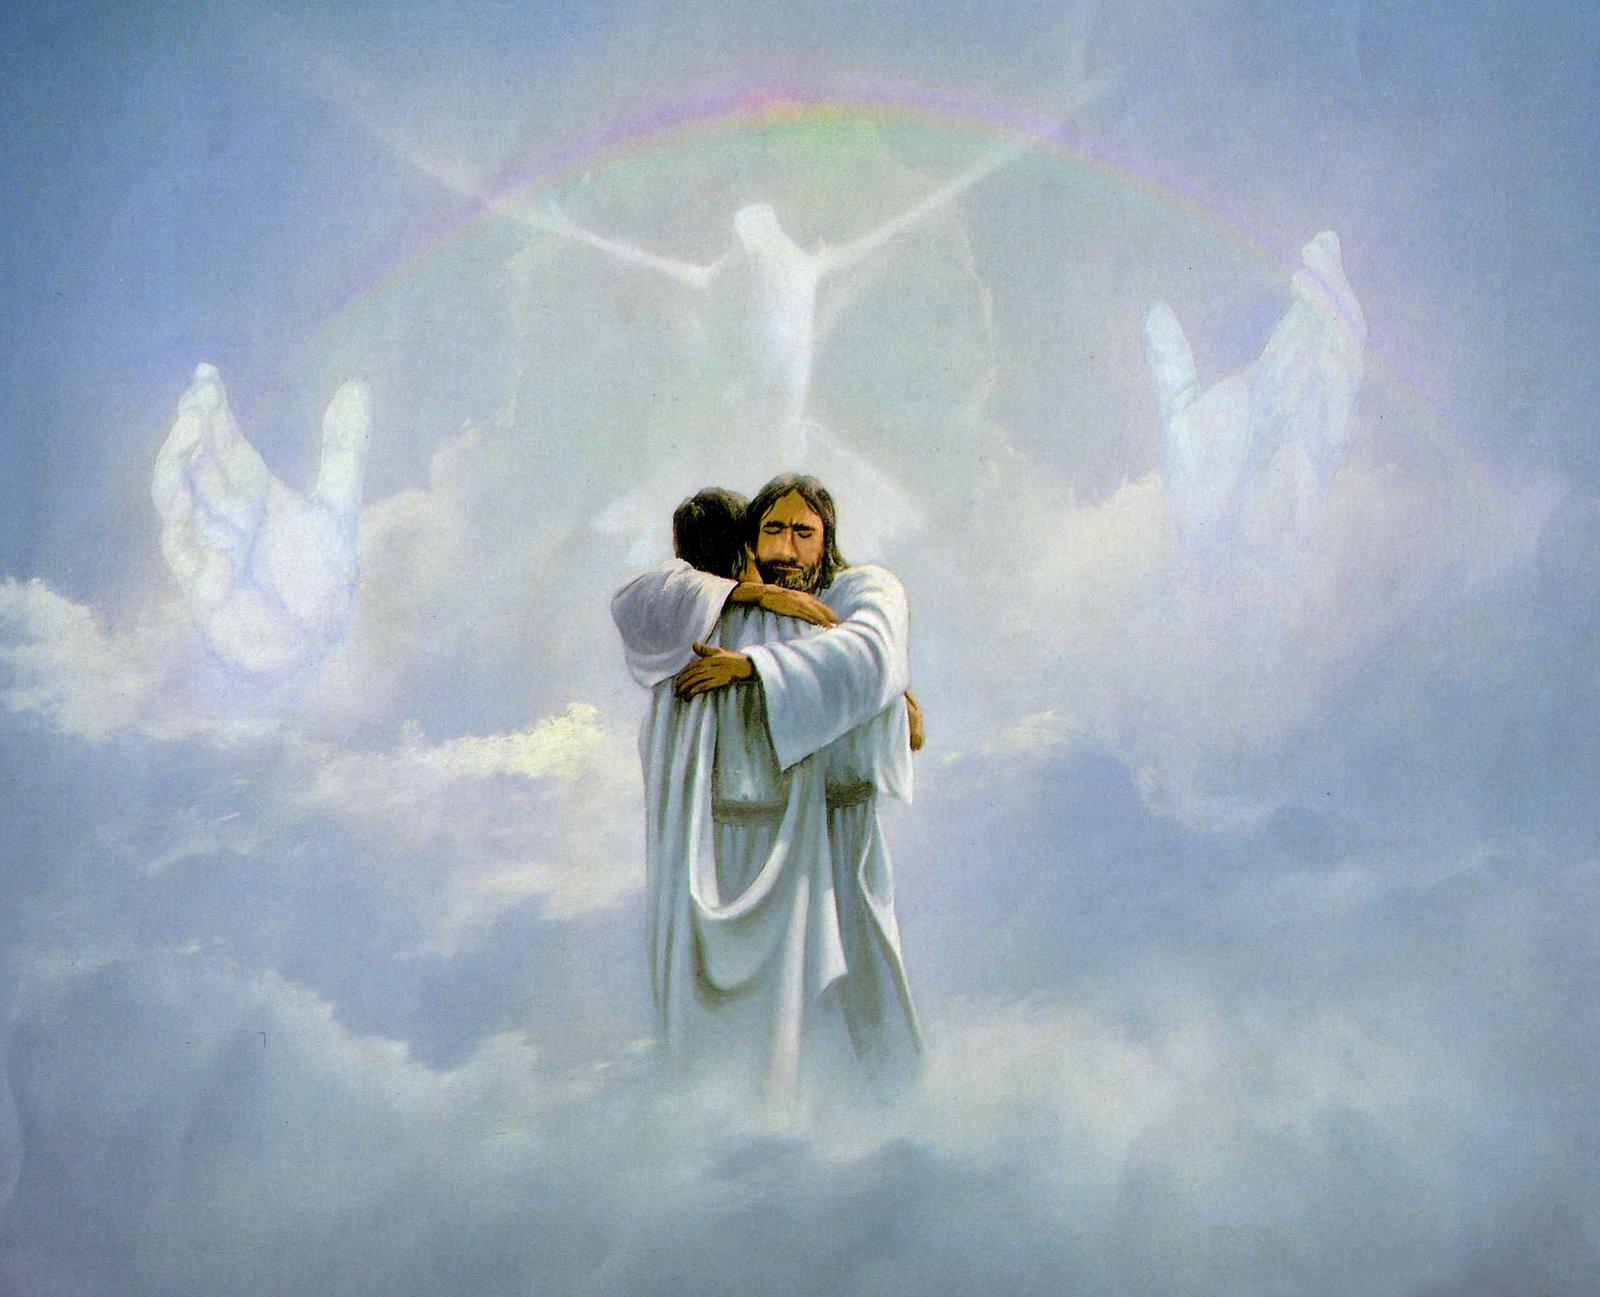 бог любит всех людей картинки